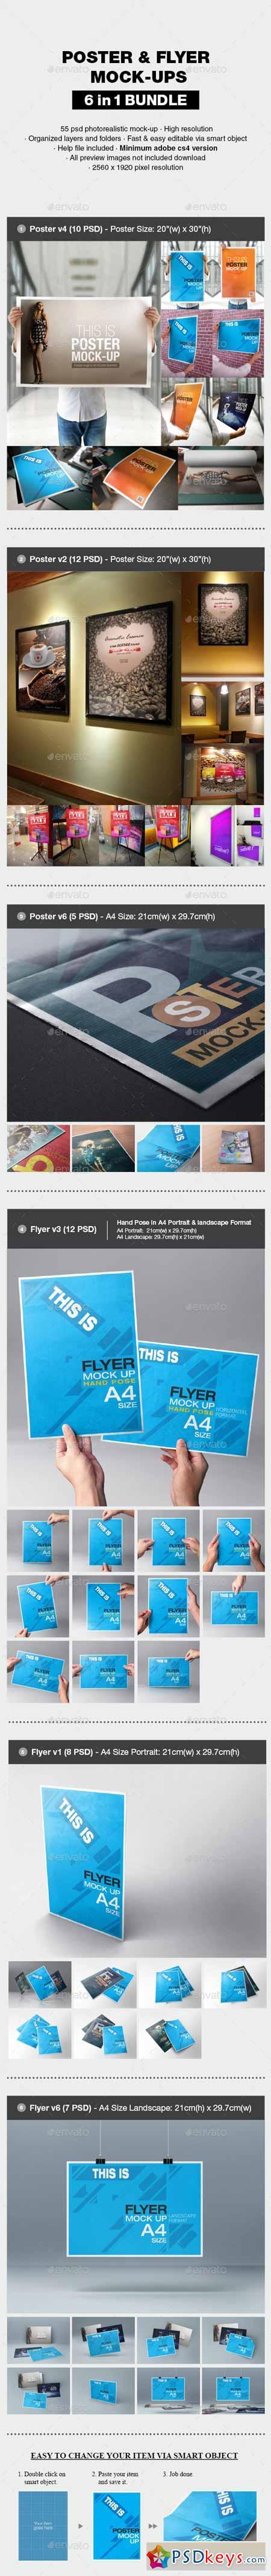 Poster flyer mock up bundle 13321127 free download photoshop poster flyer mock up bundle 13321127 reheart Image collections